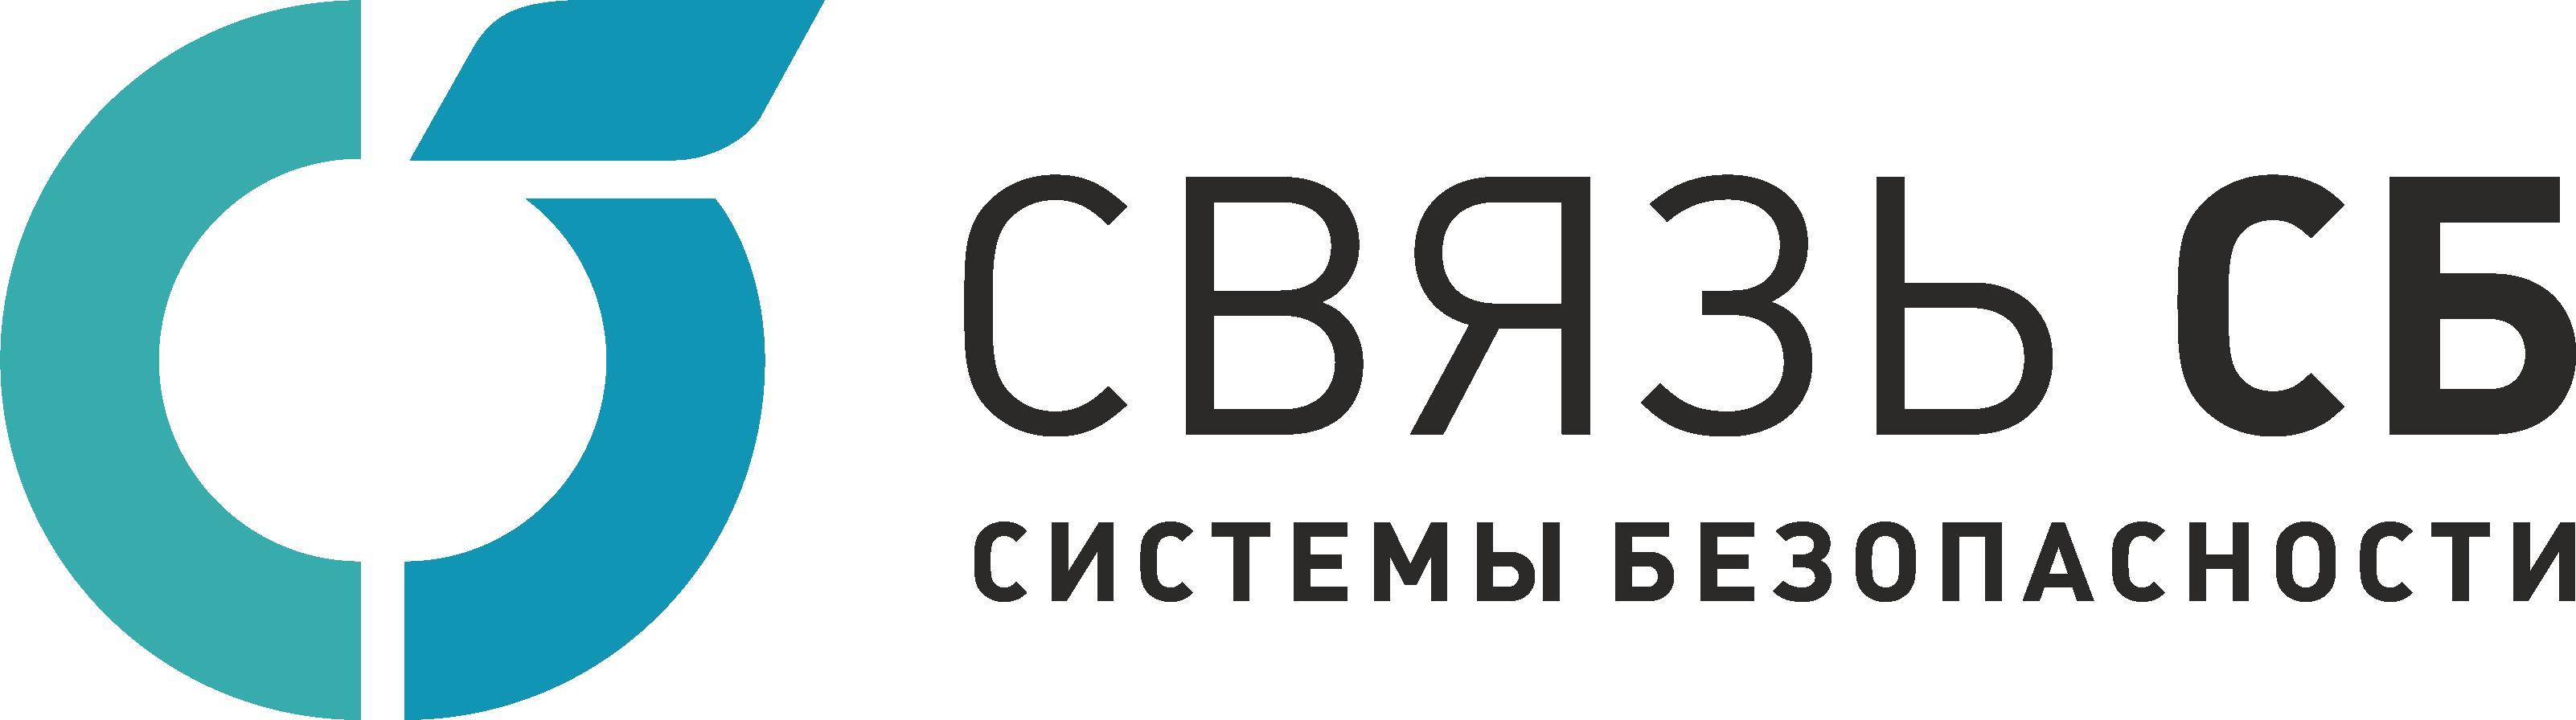 СВЯЗЬ-СБ